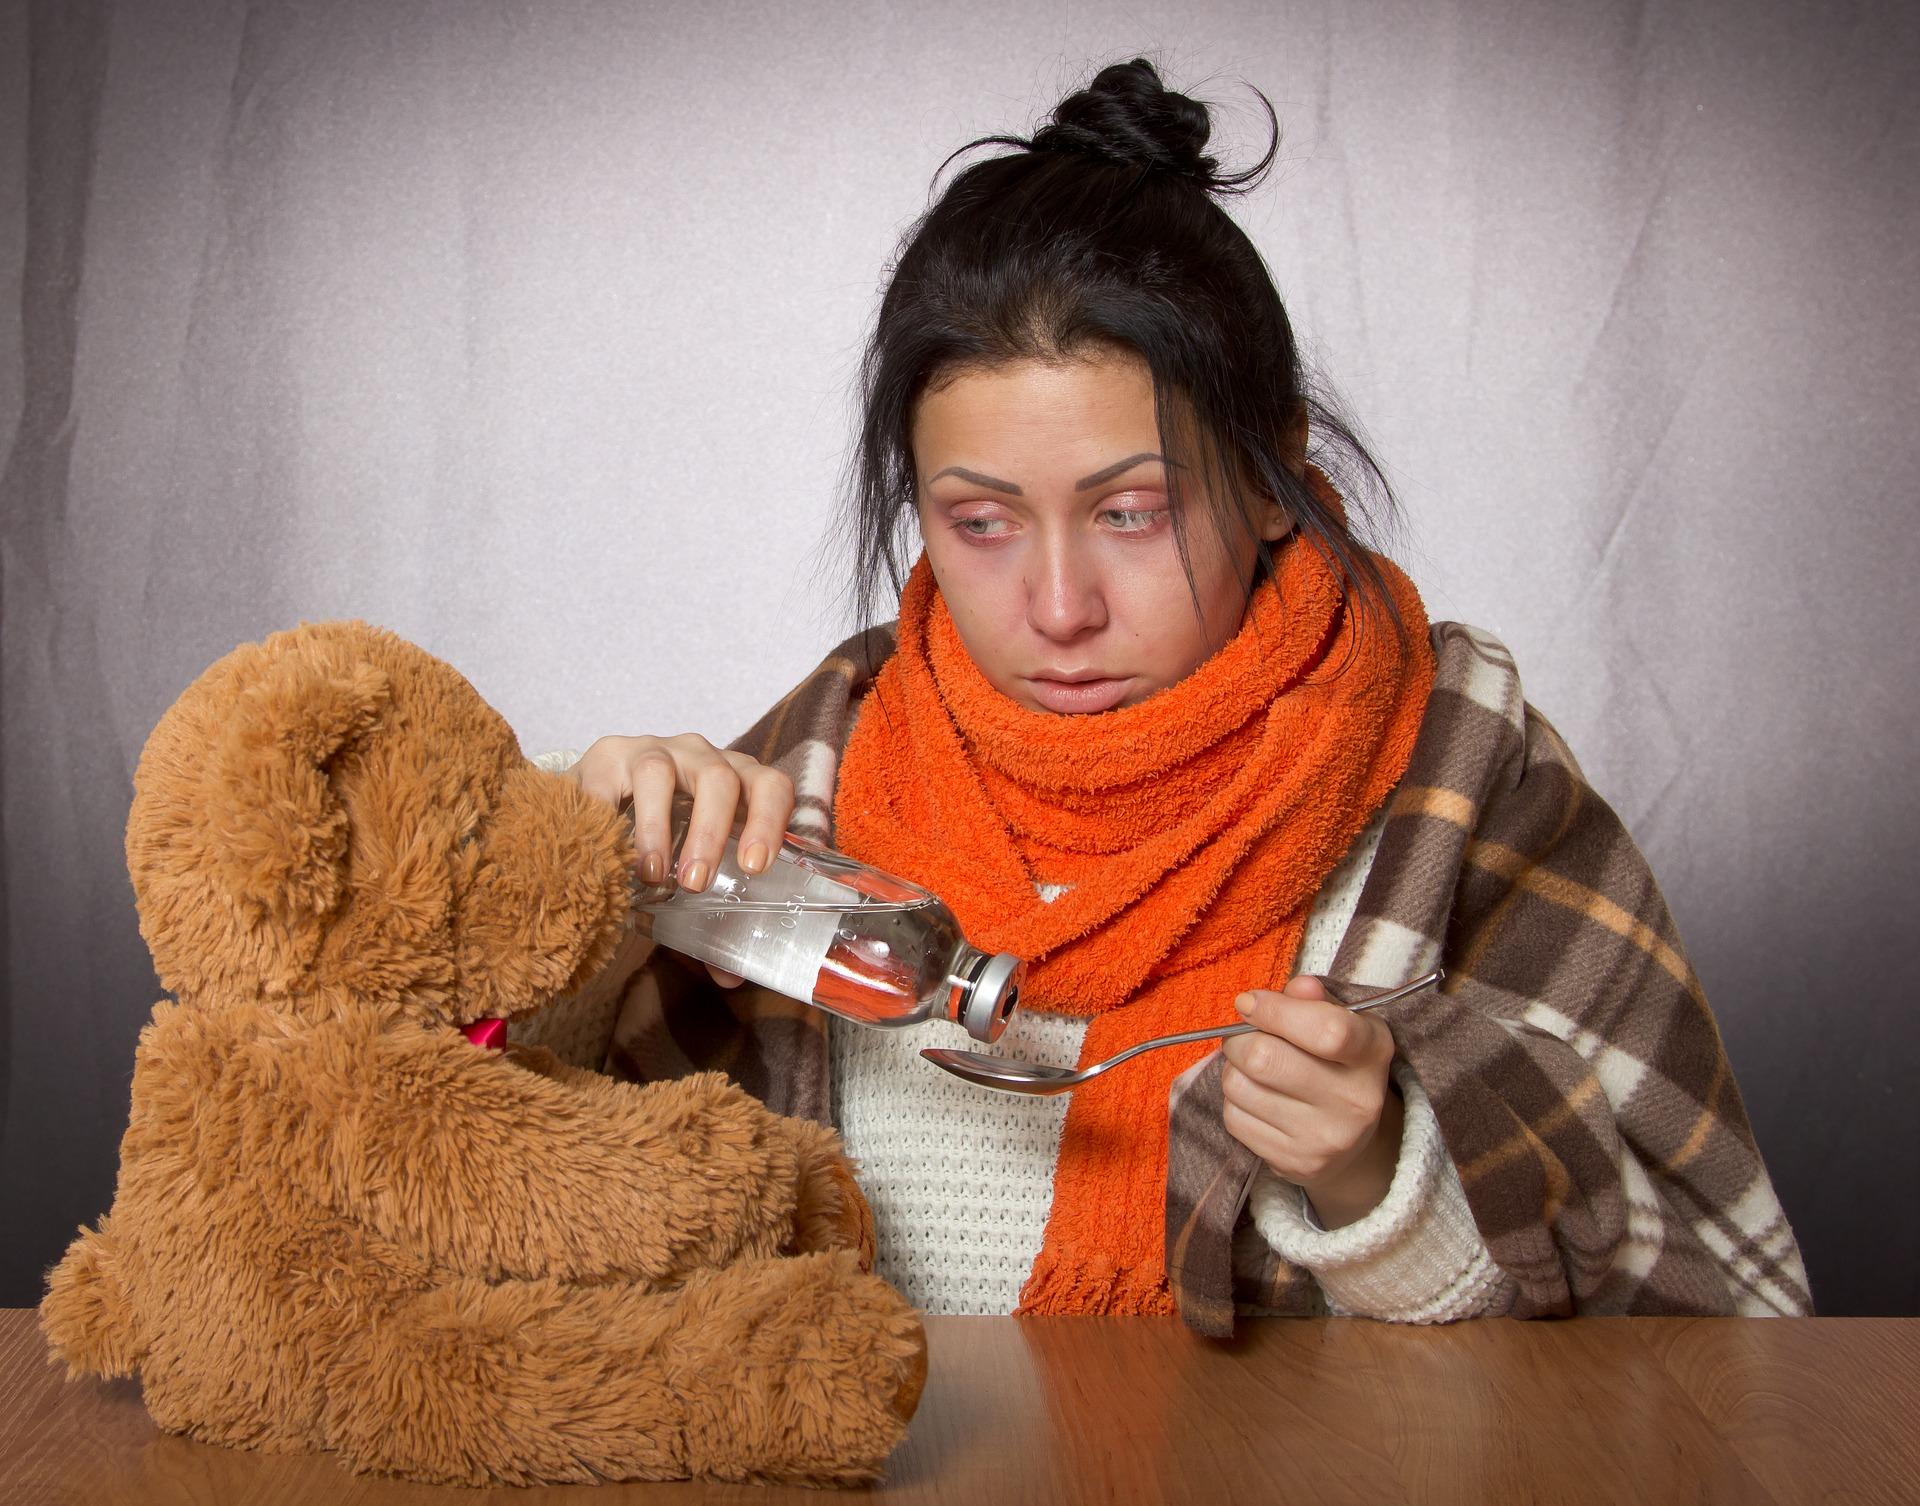 Российский врач Ювченко назвал критическую ошибку при лечении COVID-19